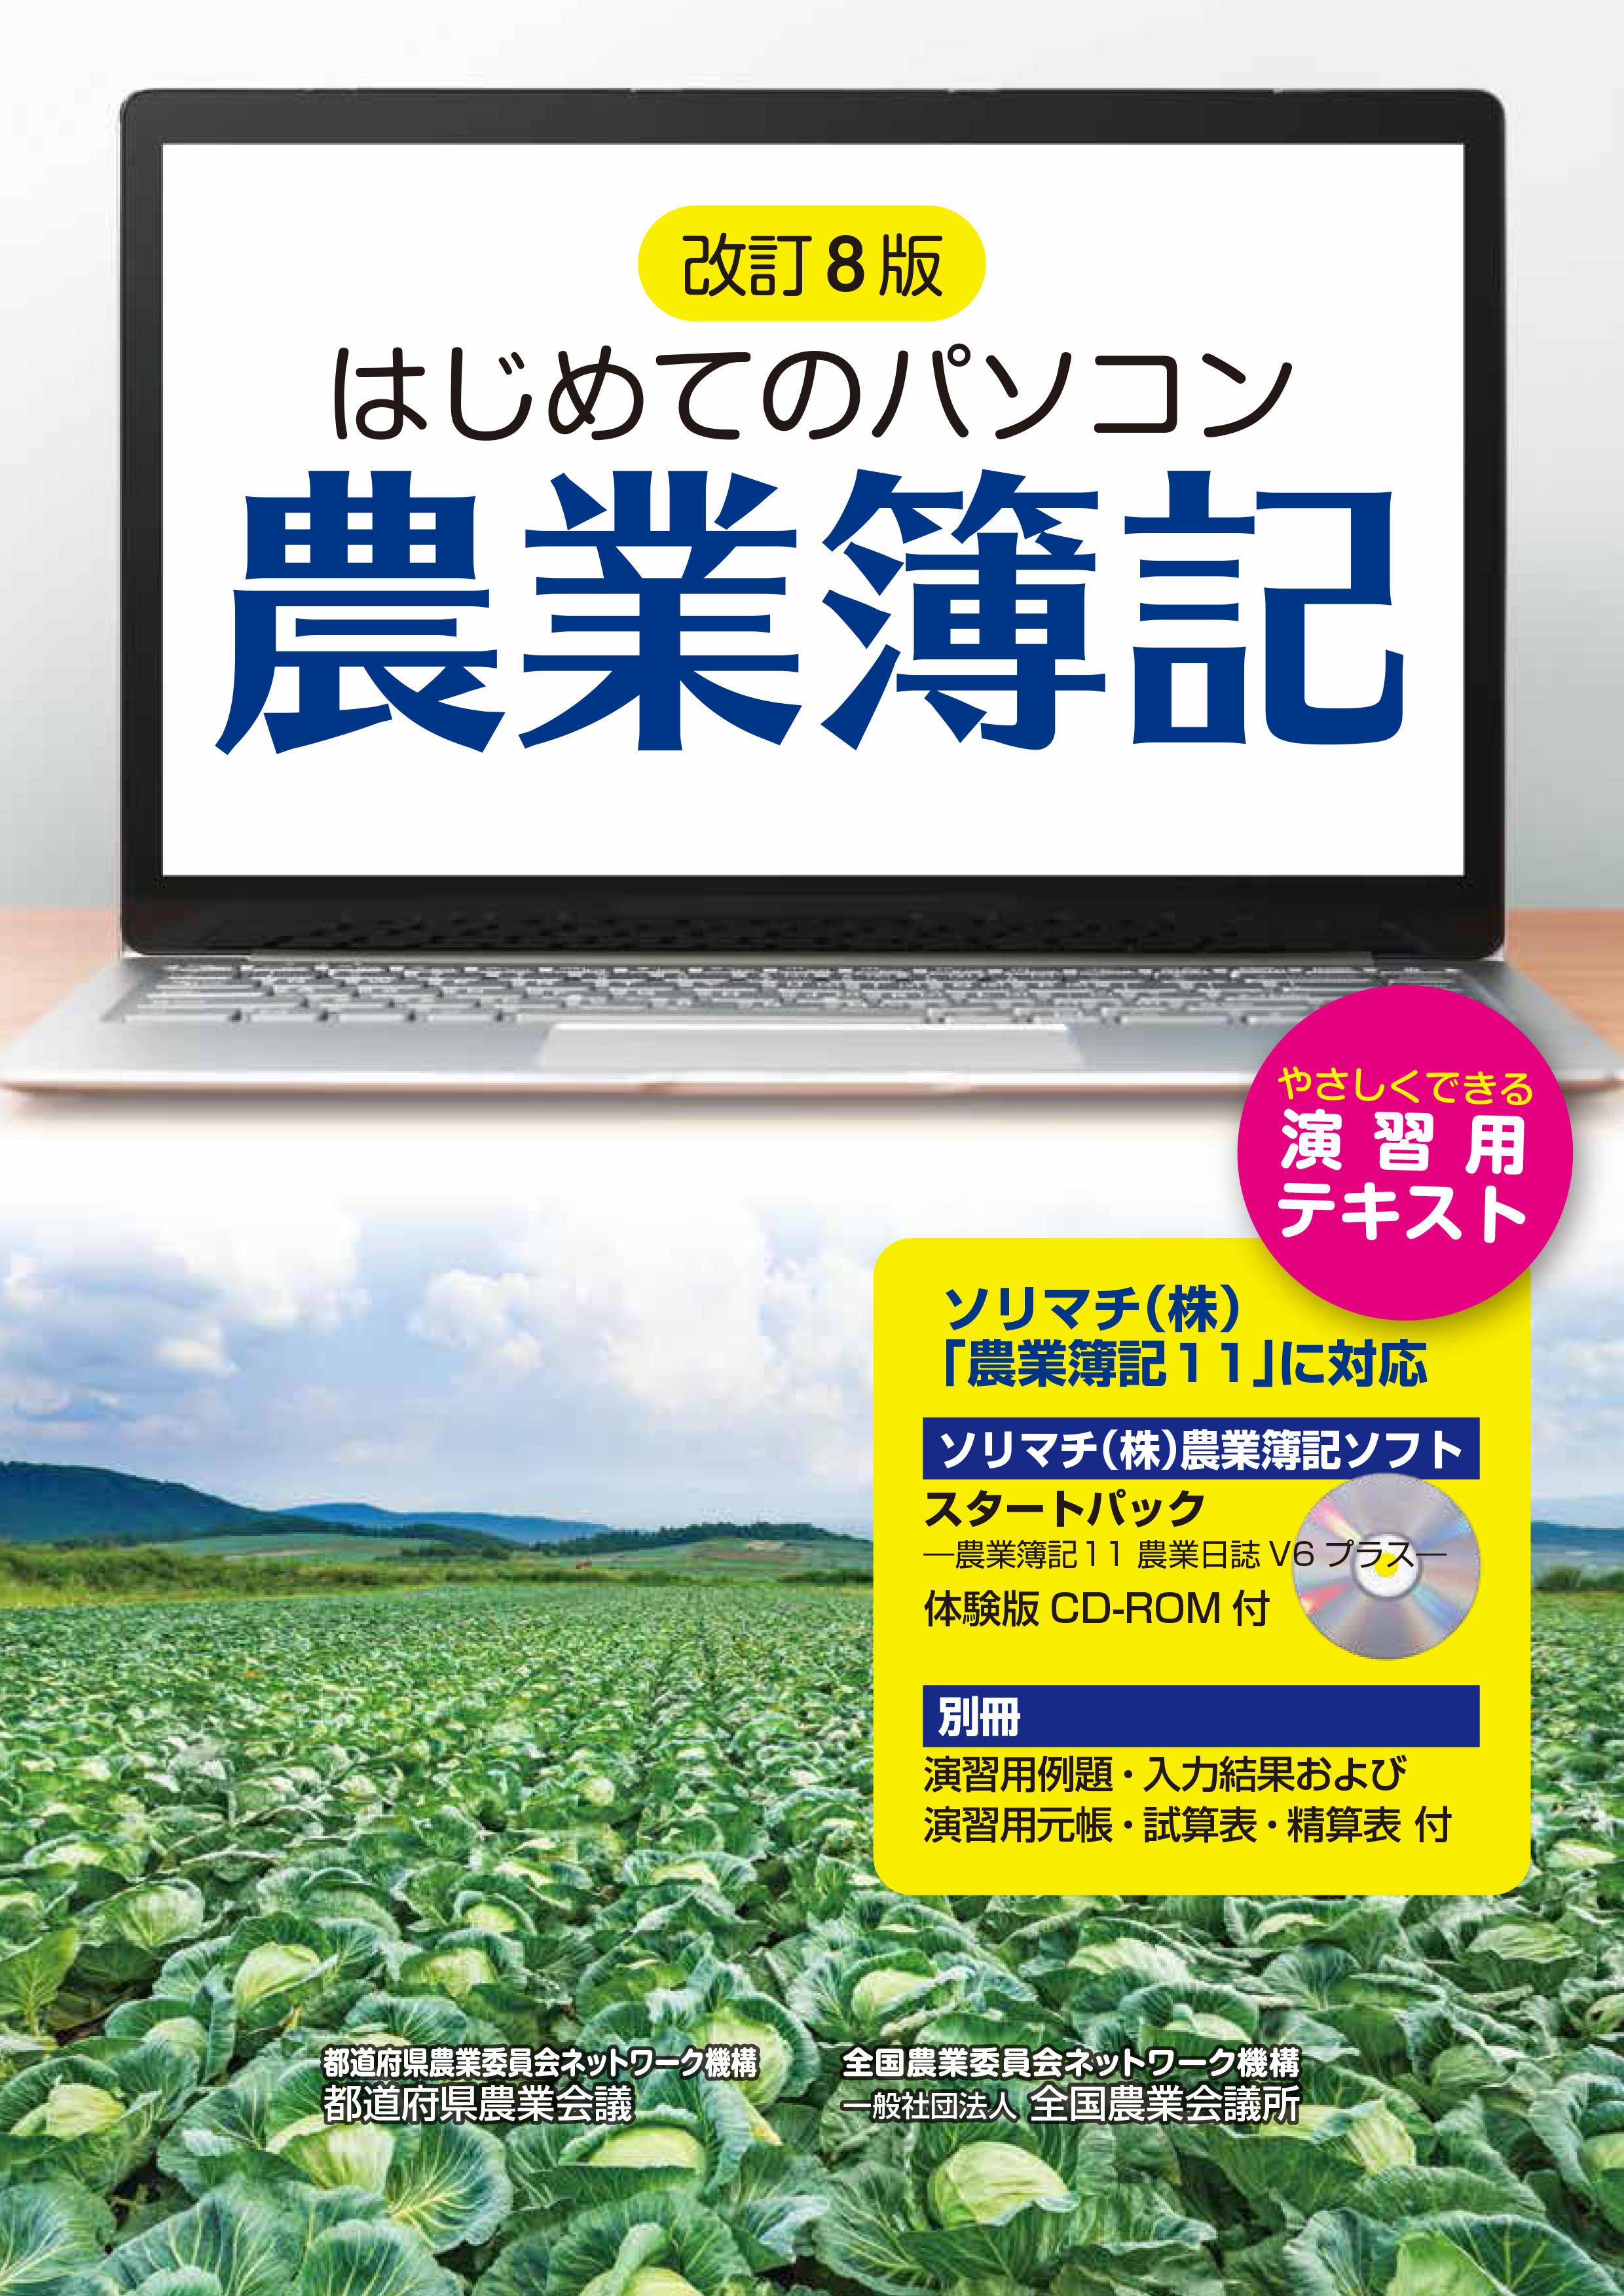 31-36パソコン農業簿記表紙.jpg